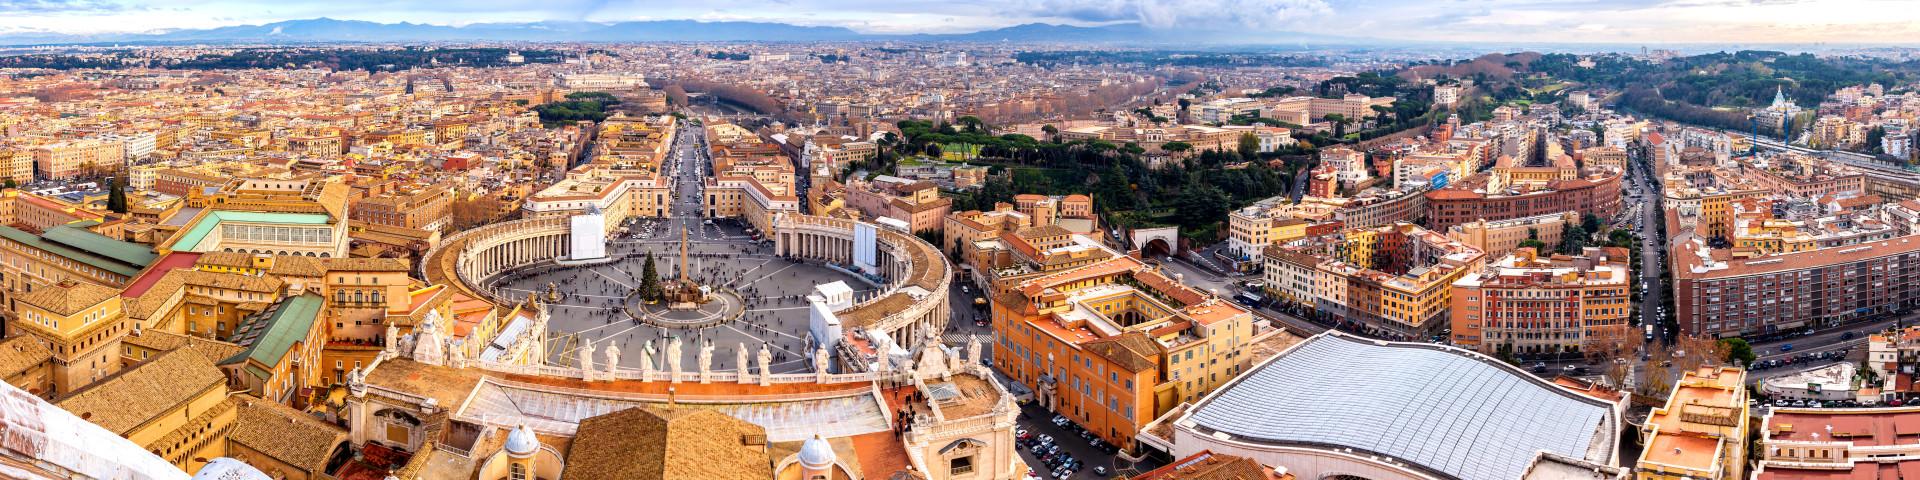 Roma - pohled na náměstí Piazza San Pietro